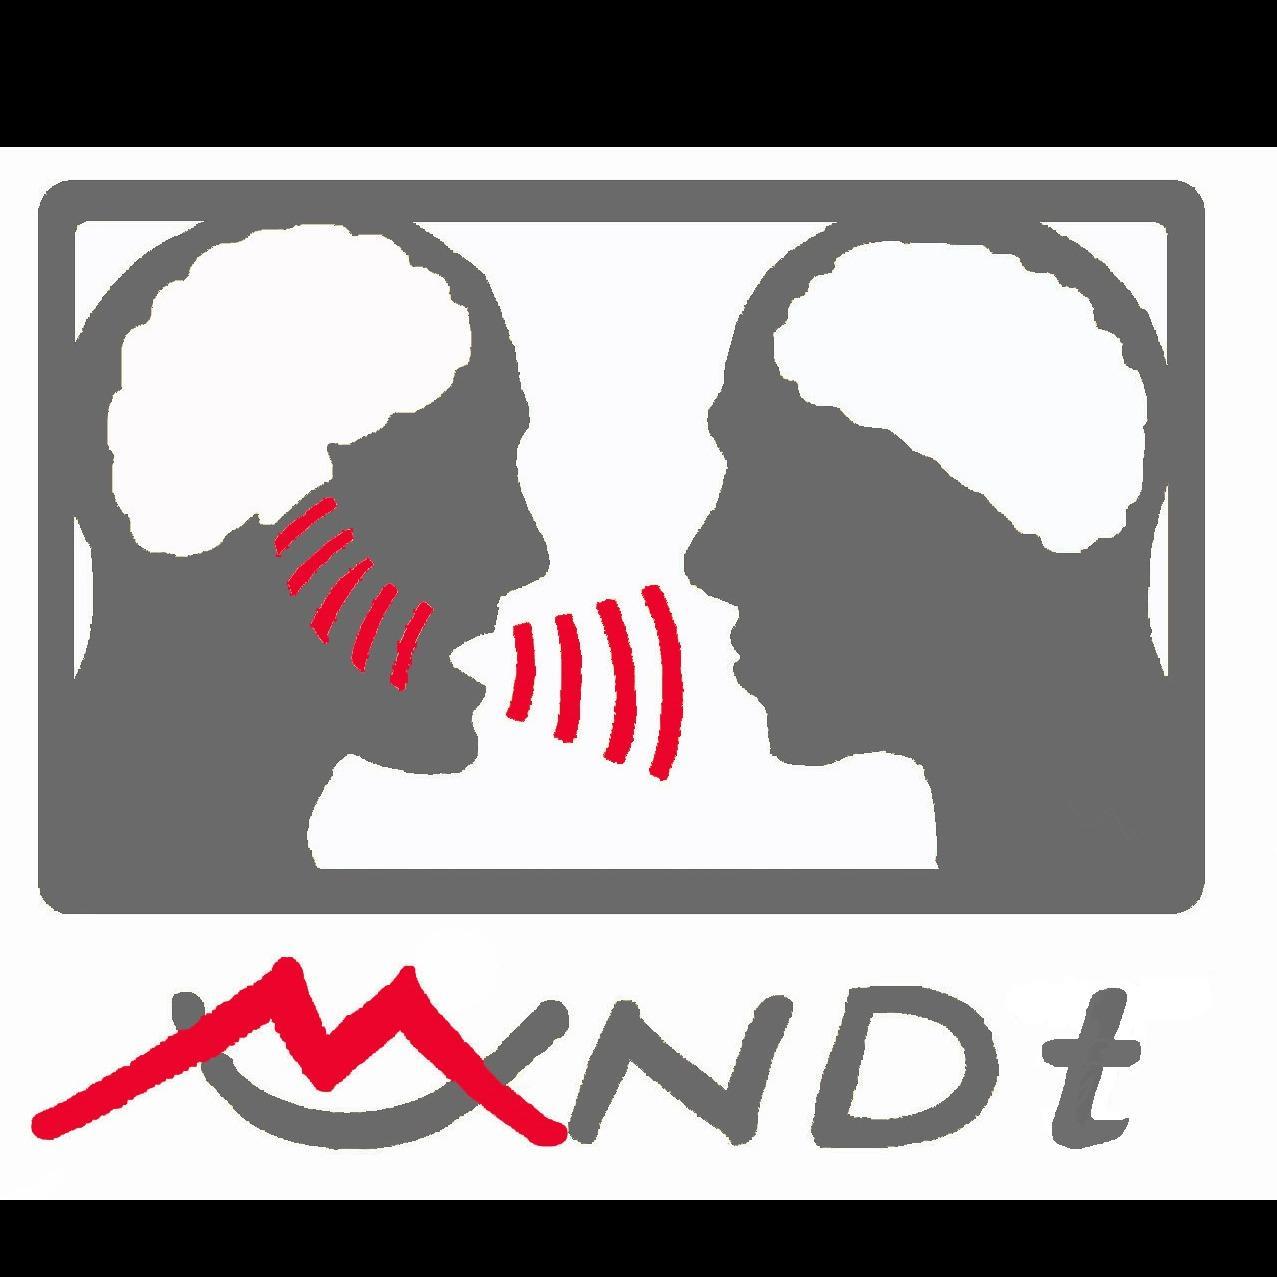 Sprachtherapie MUNDt - Logopädische Gemeinschaftspraxis